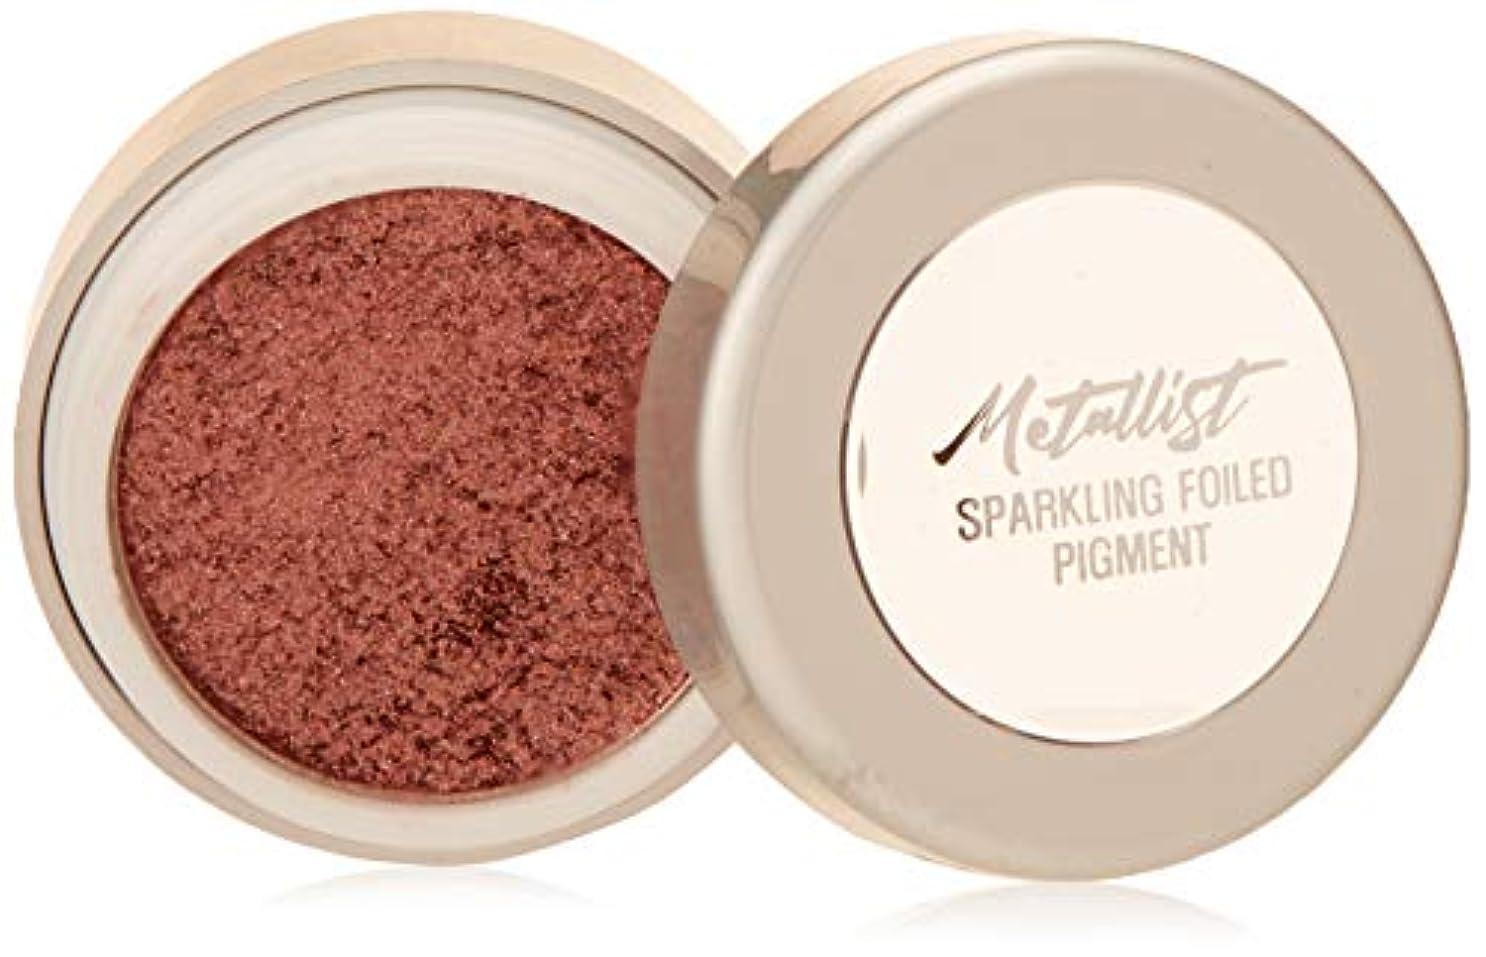 赤予想するしかしMetallist Sparkling Foiled Pigment - 06 Persian Rose